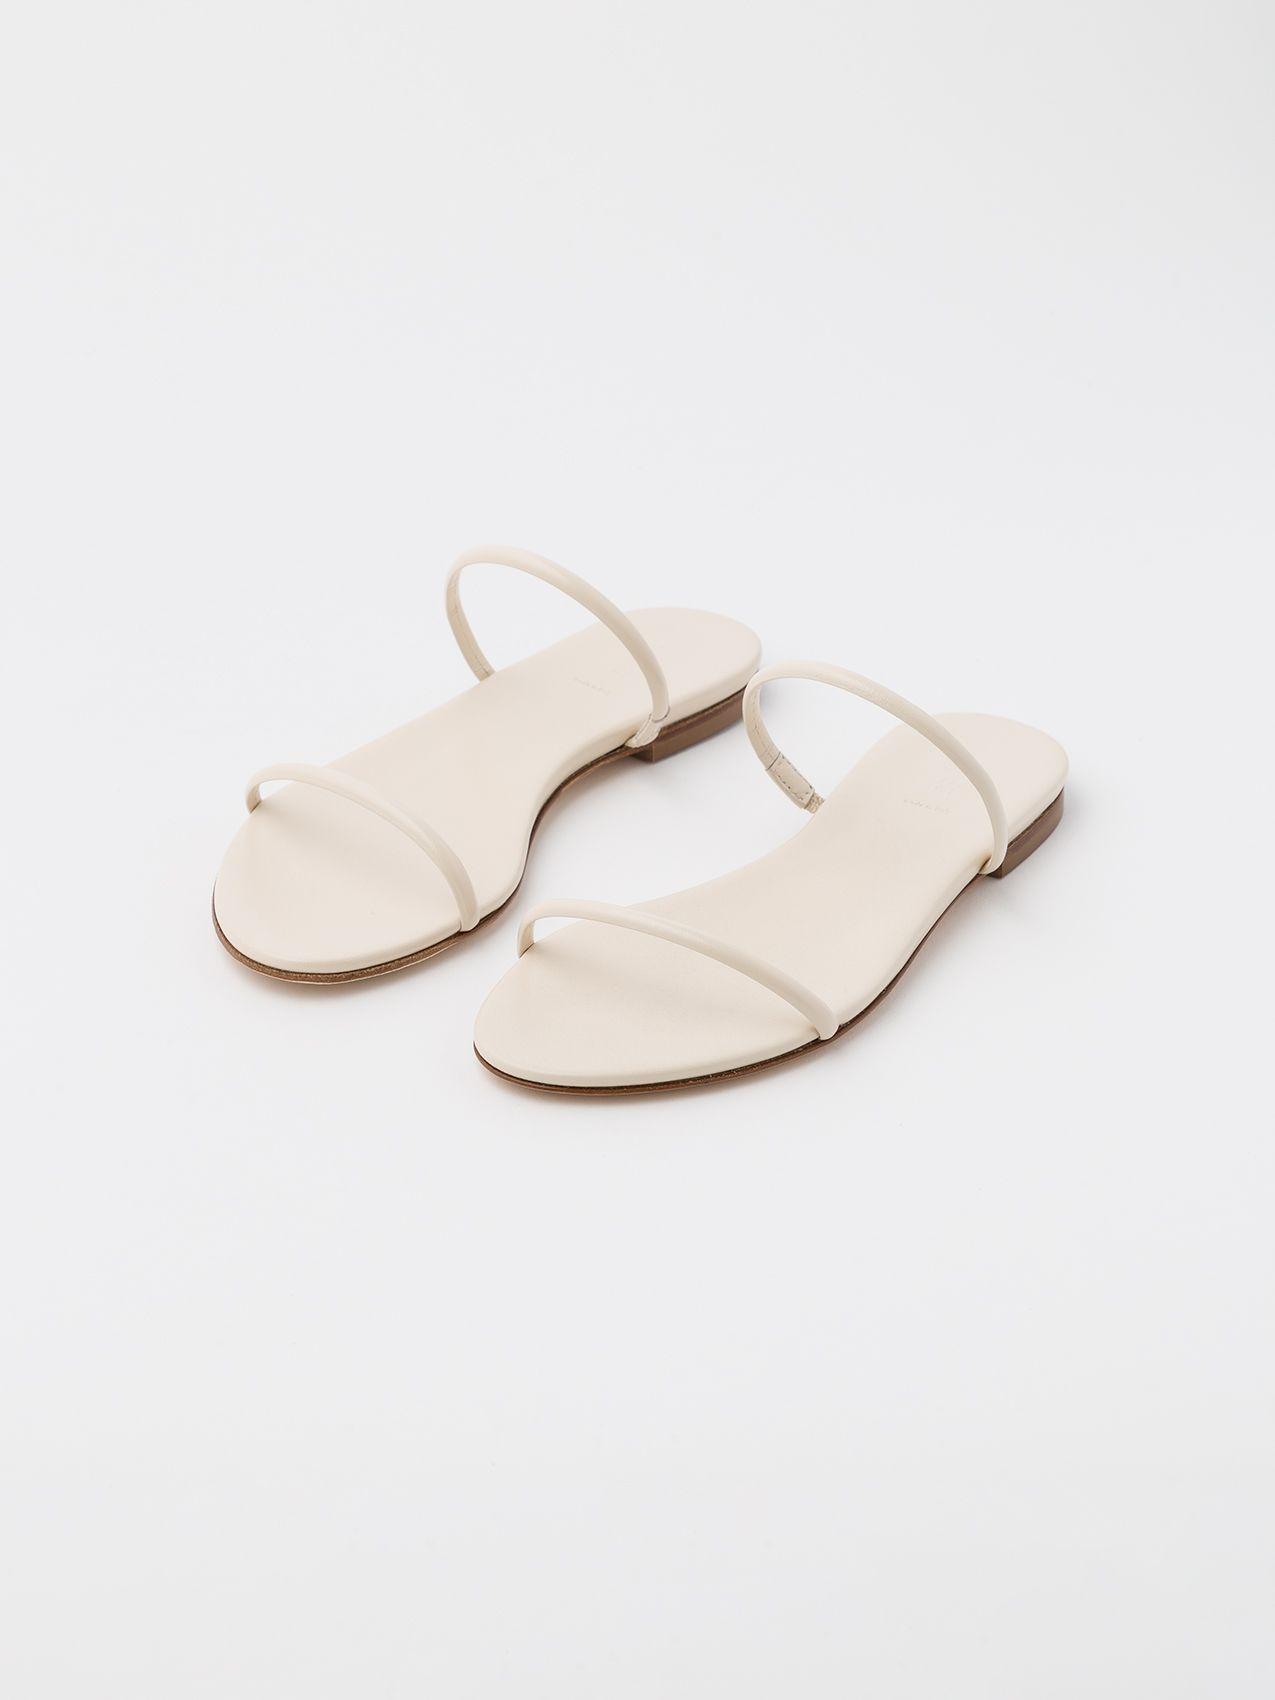 Sandale, Alek, Aeyde